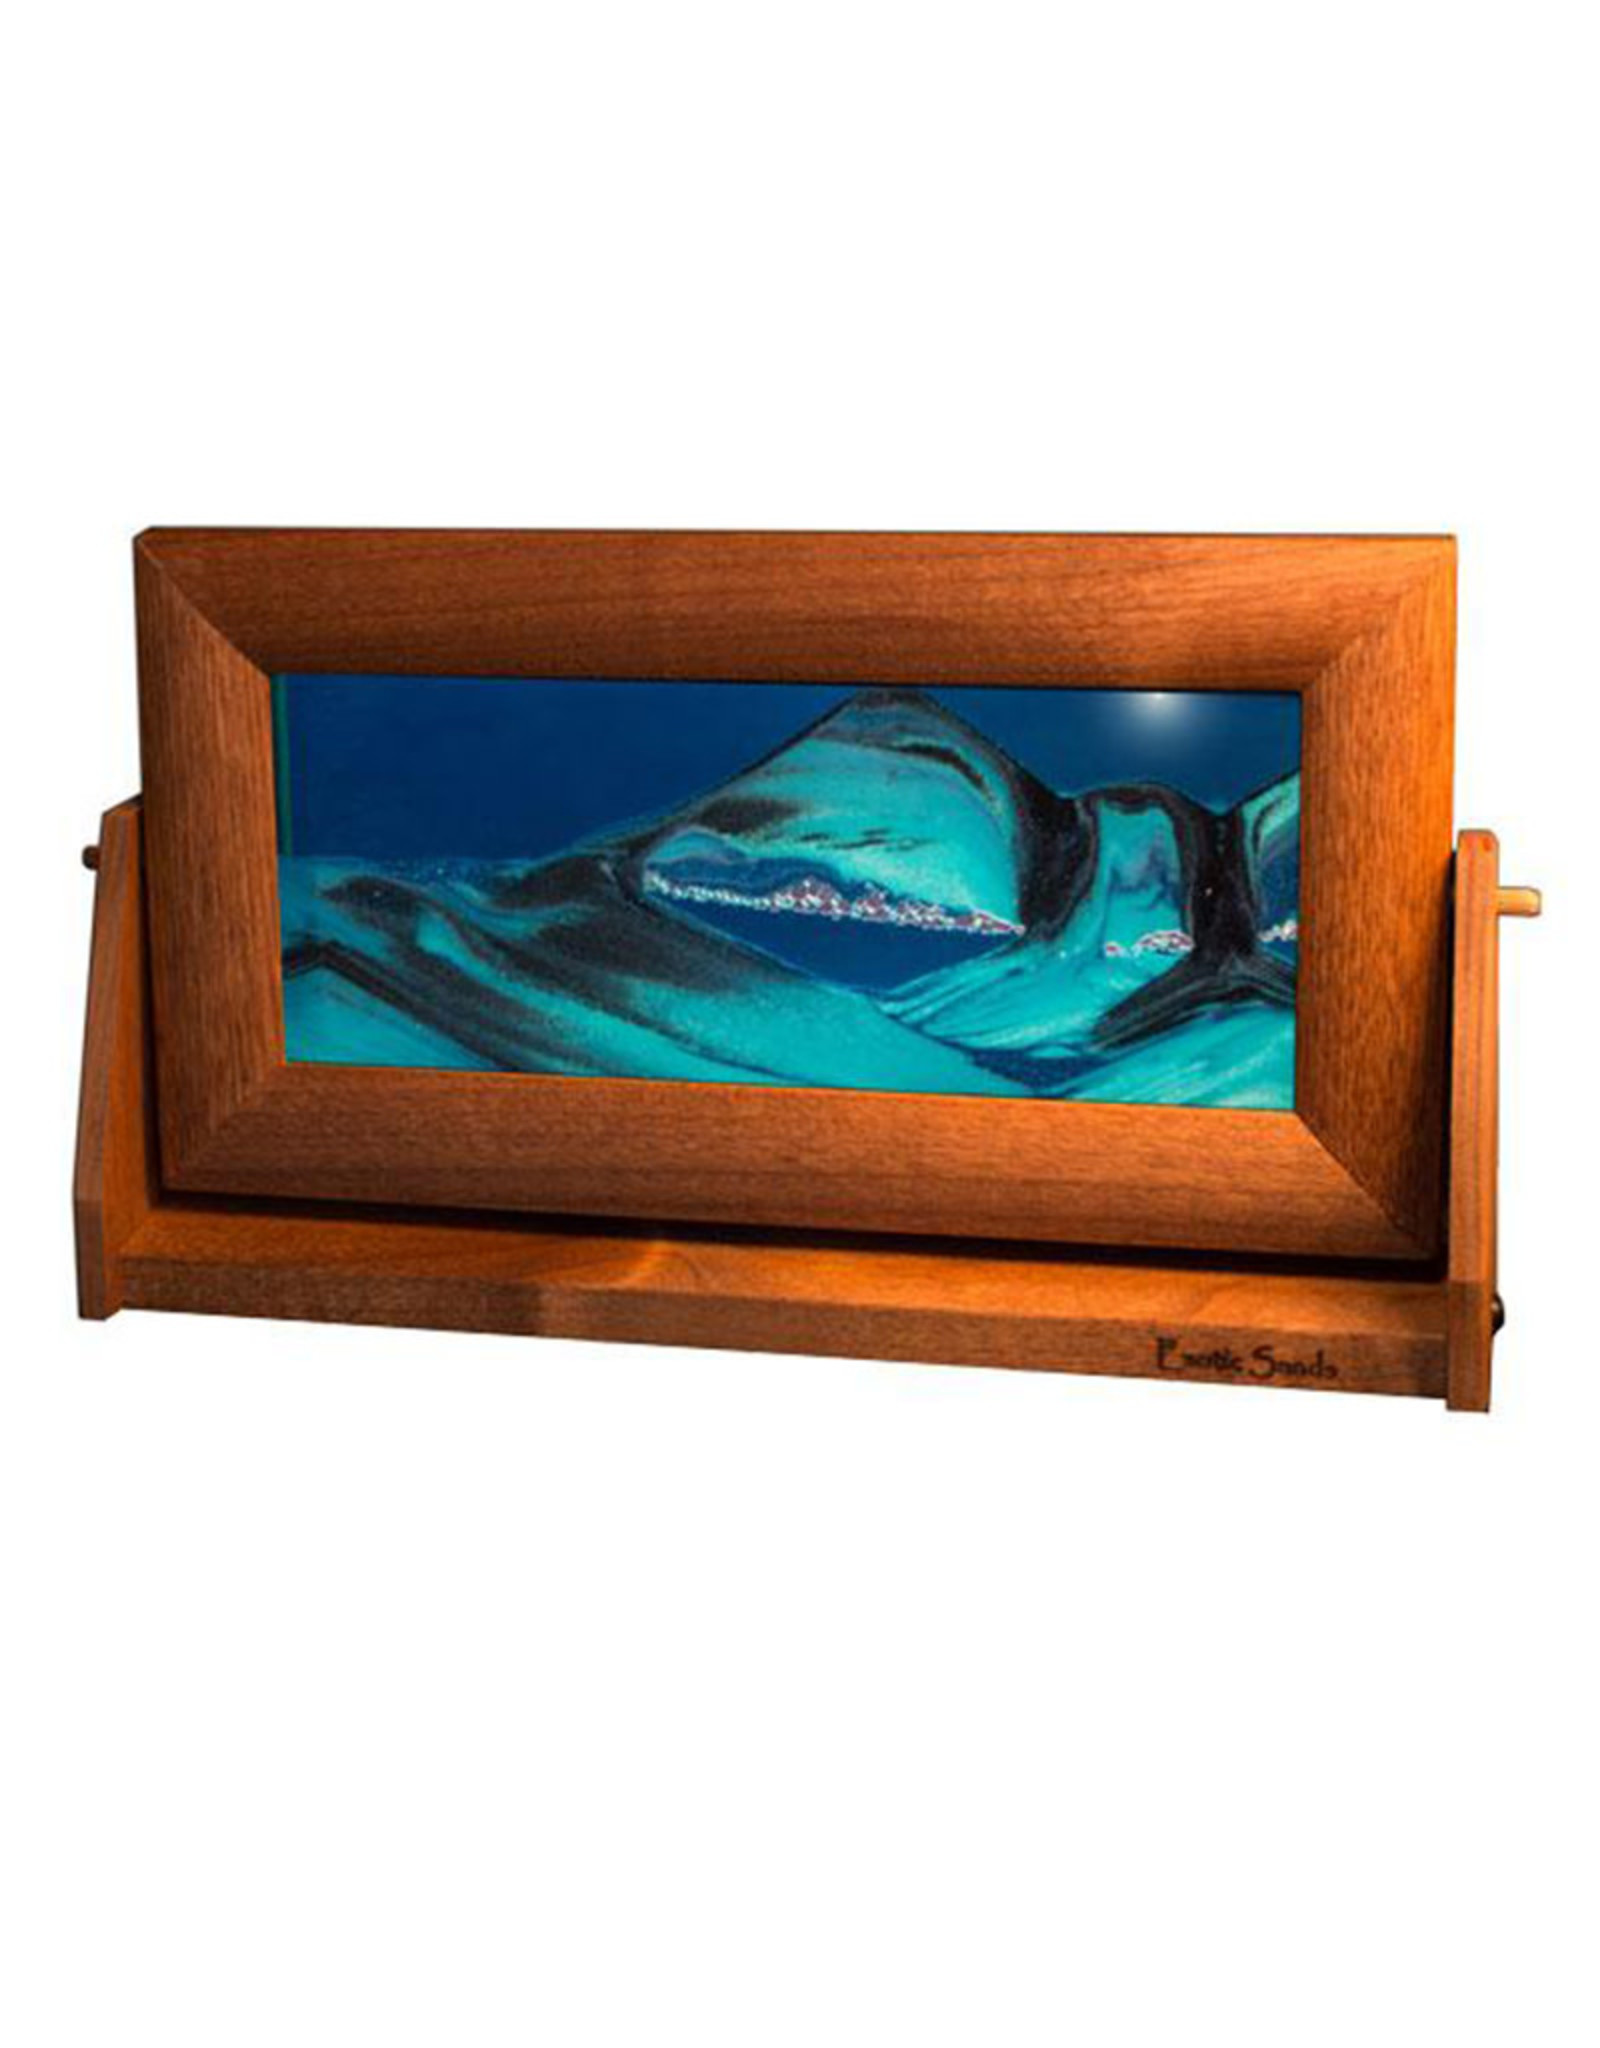 EXOTIC SANDS MEDIUM OCEAN BLUE SANDSCSAPE